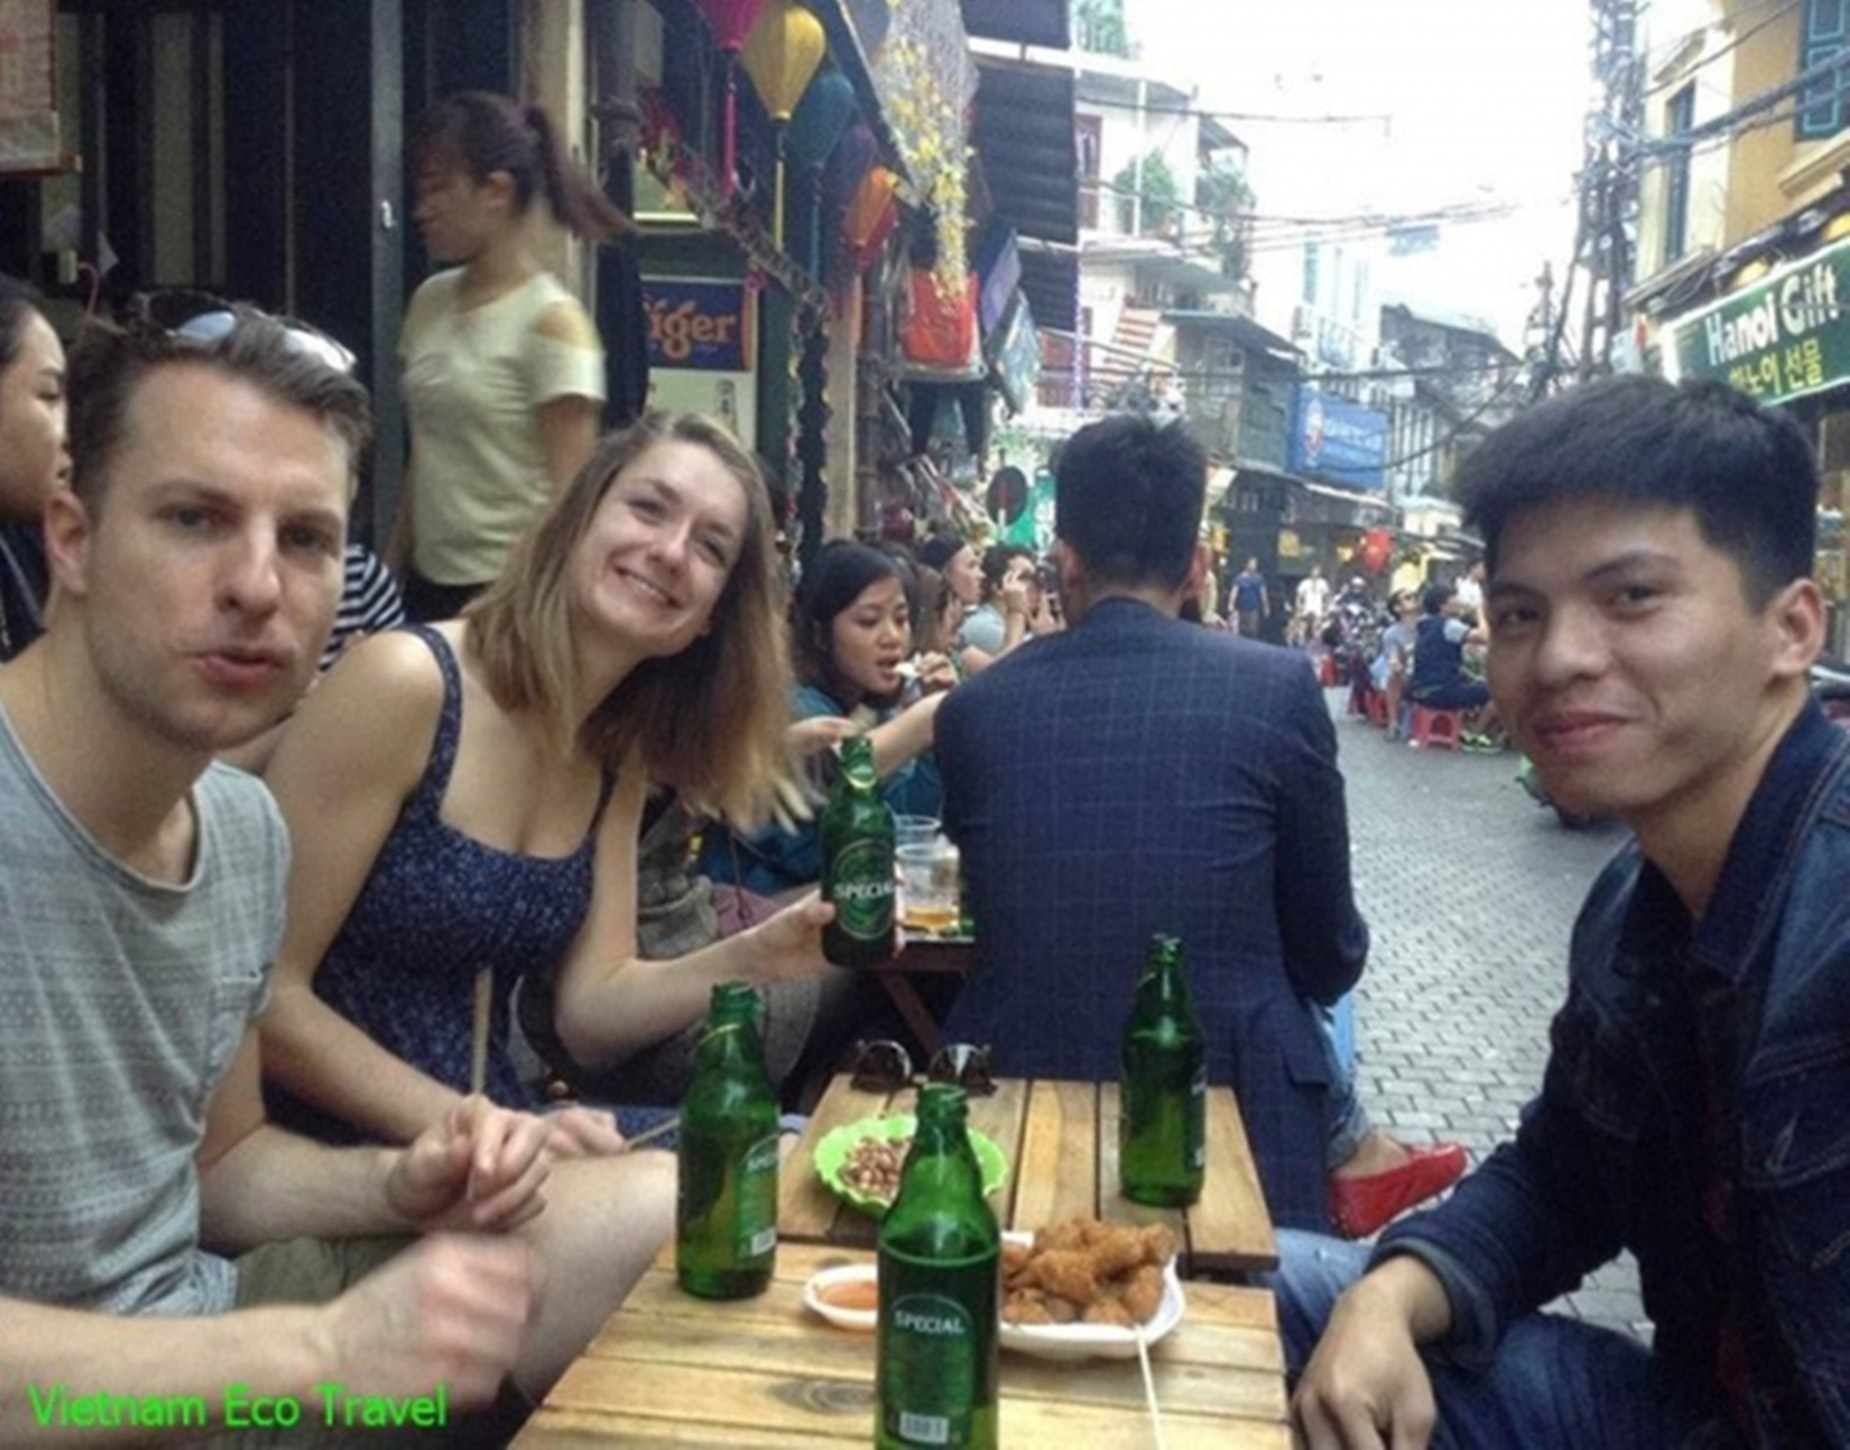 Vietnam Eco Travel Eco Travel